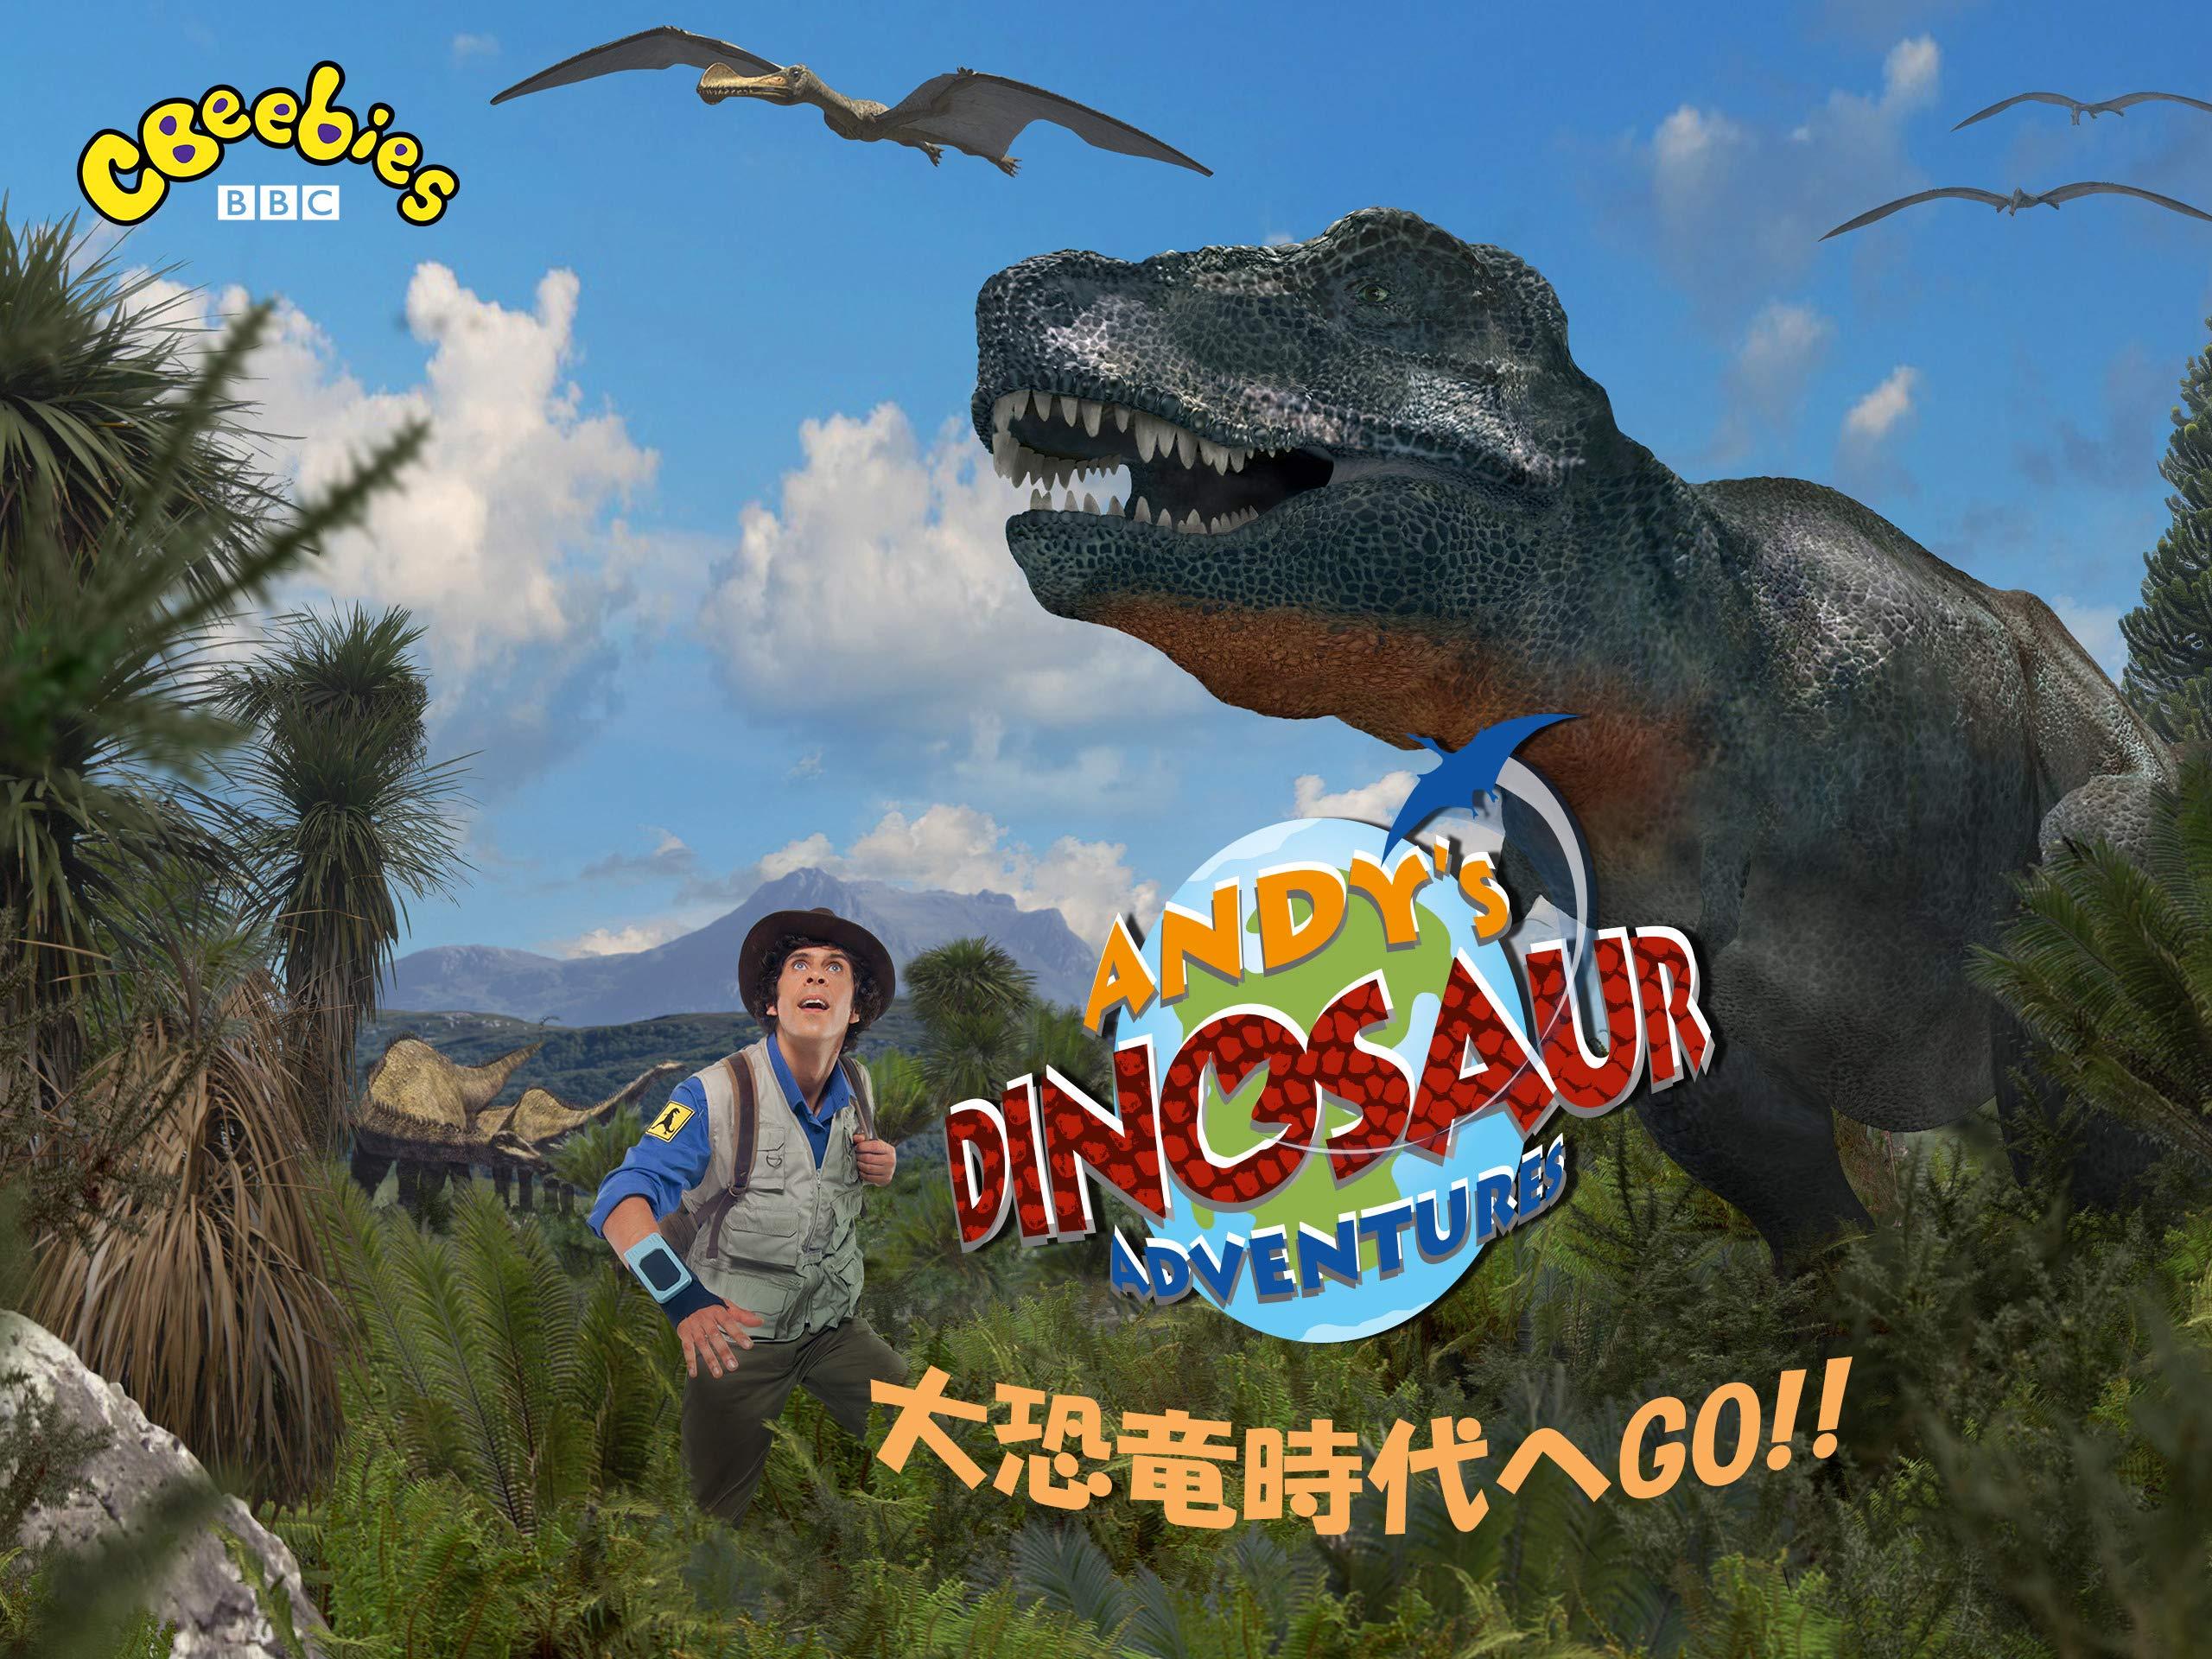 Amazon.co.jp: 大恐竜時代へGO!!(吹替版)を観る | Prime Video